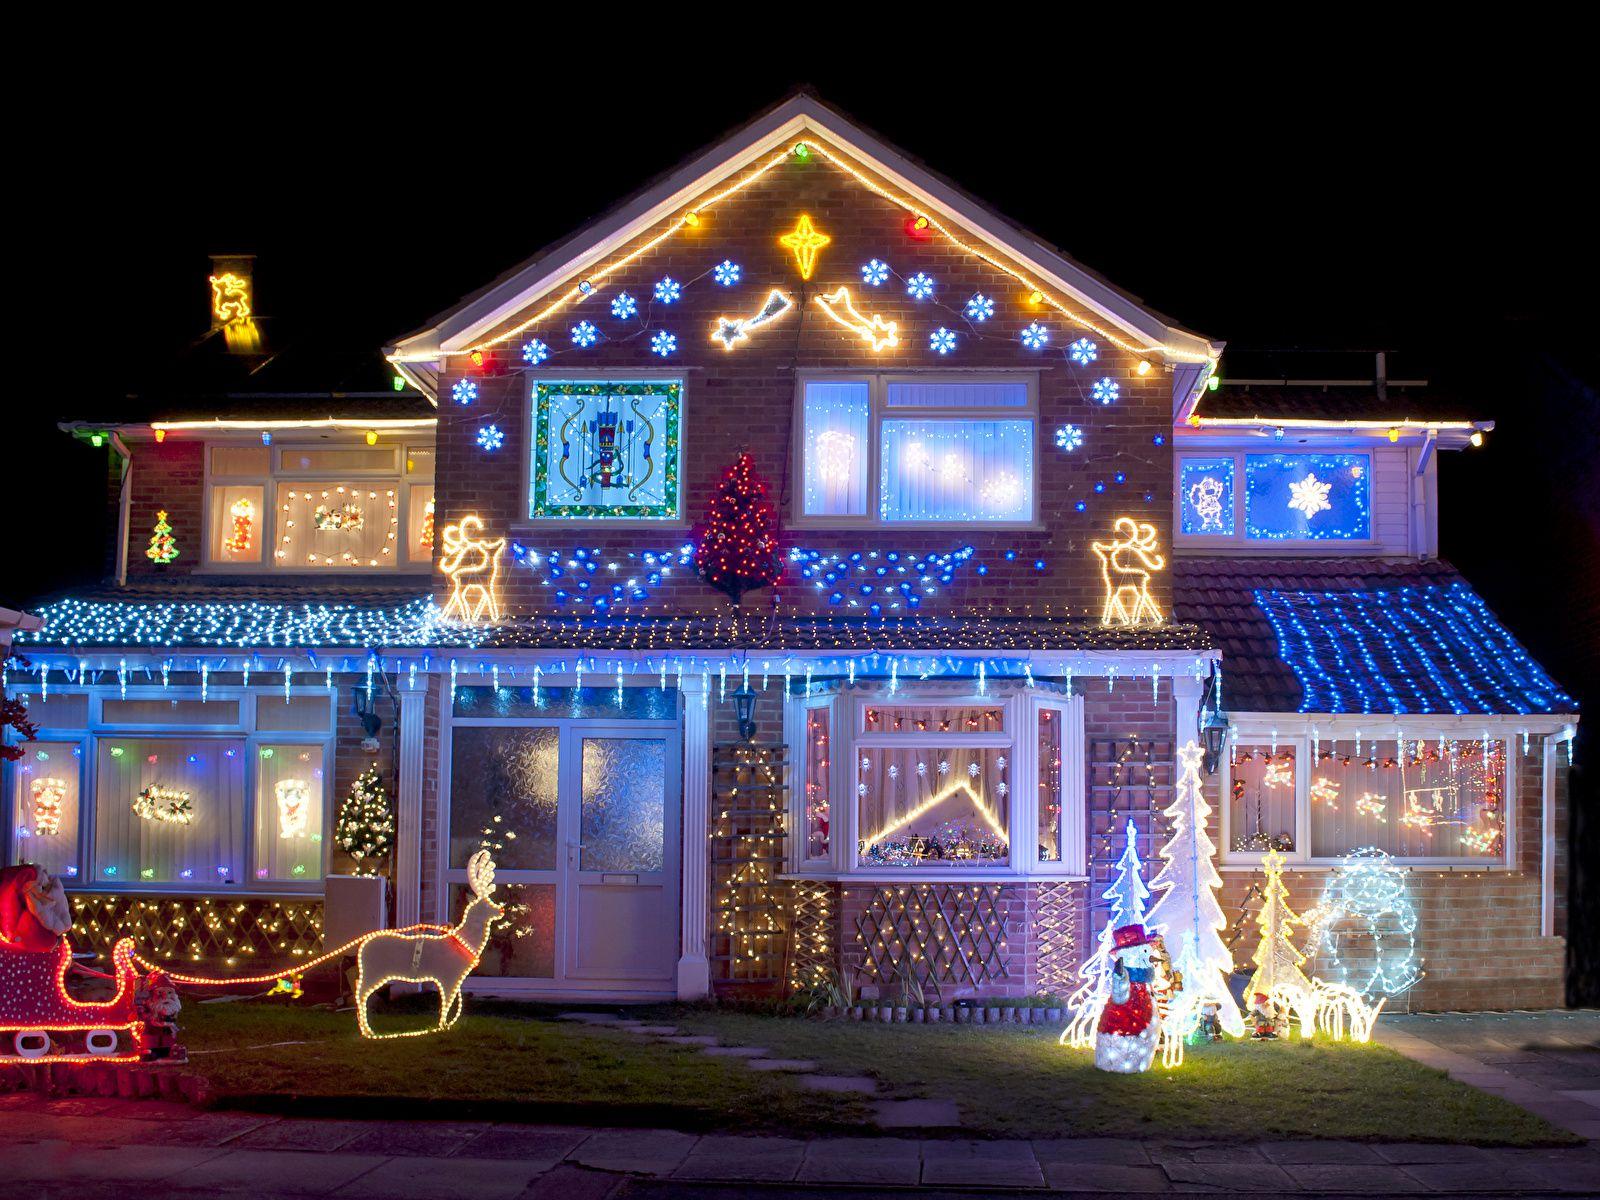 houses_holidays_464329_1600x1200.jpg